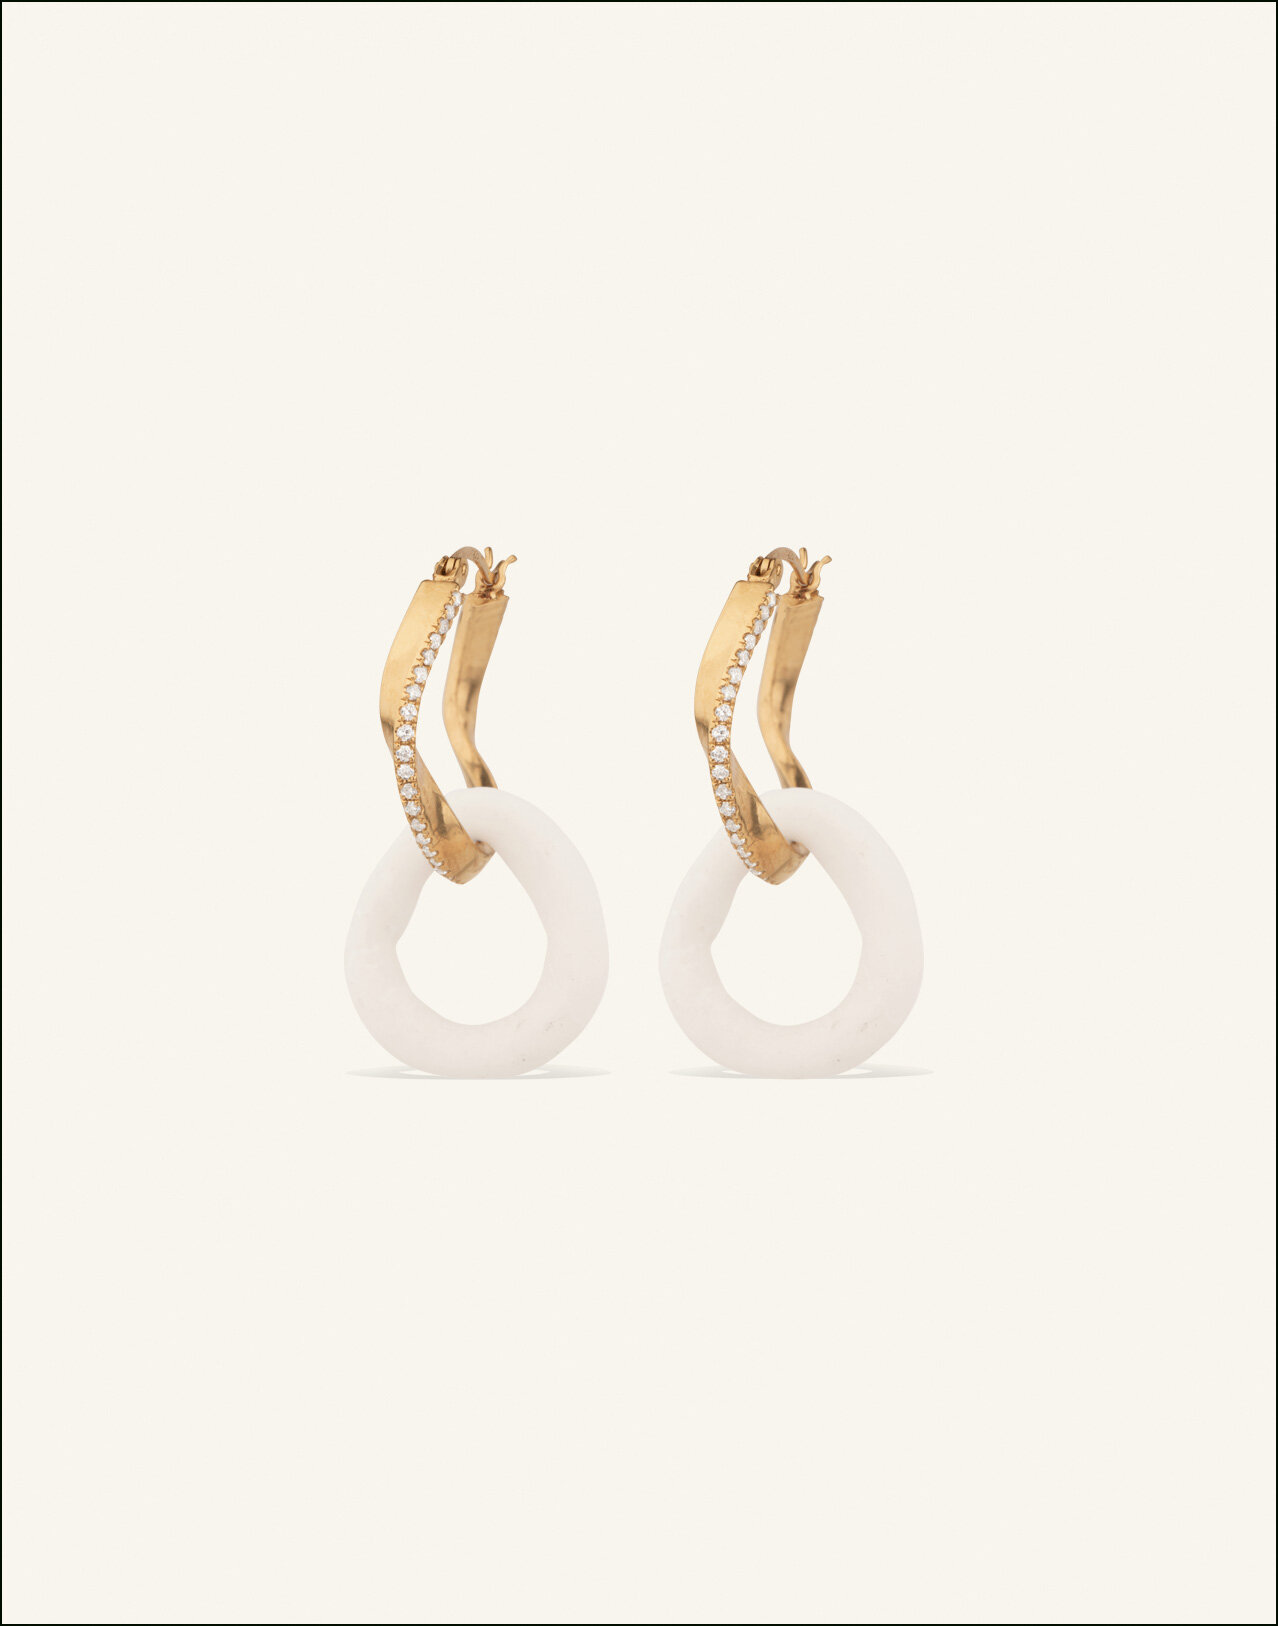 Completedworks-Gold-Vermeil-Earrings-Flawed-Logic-1.jpg